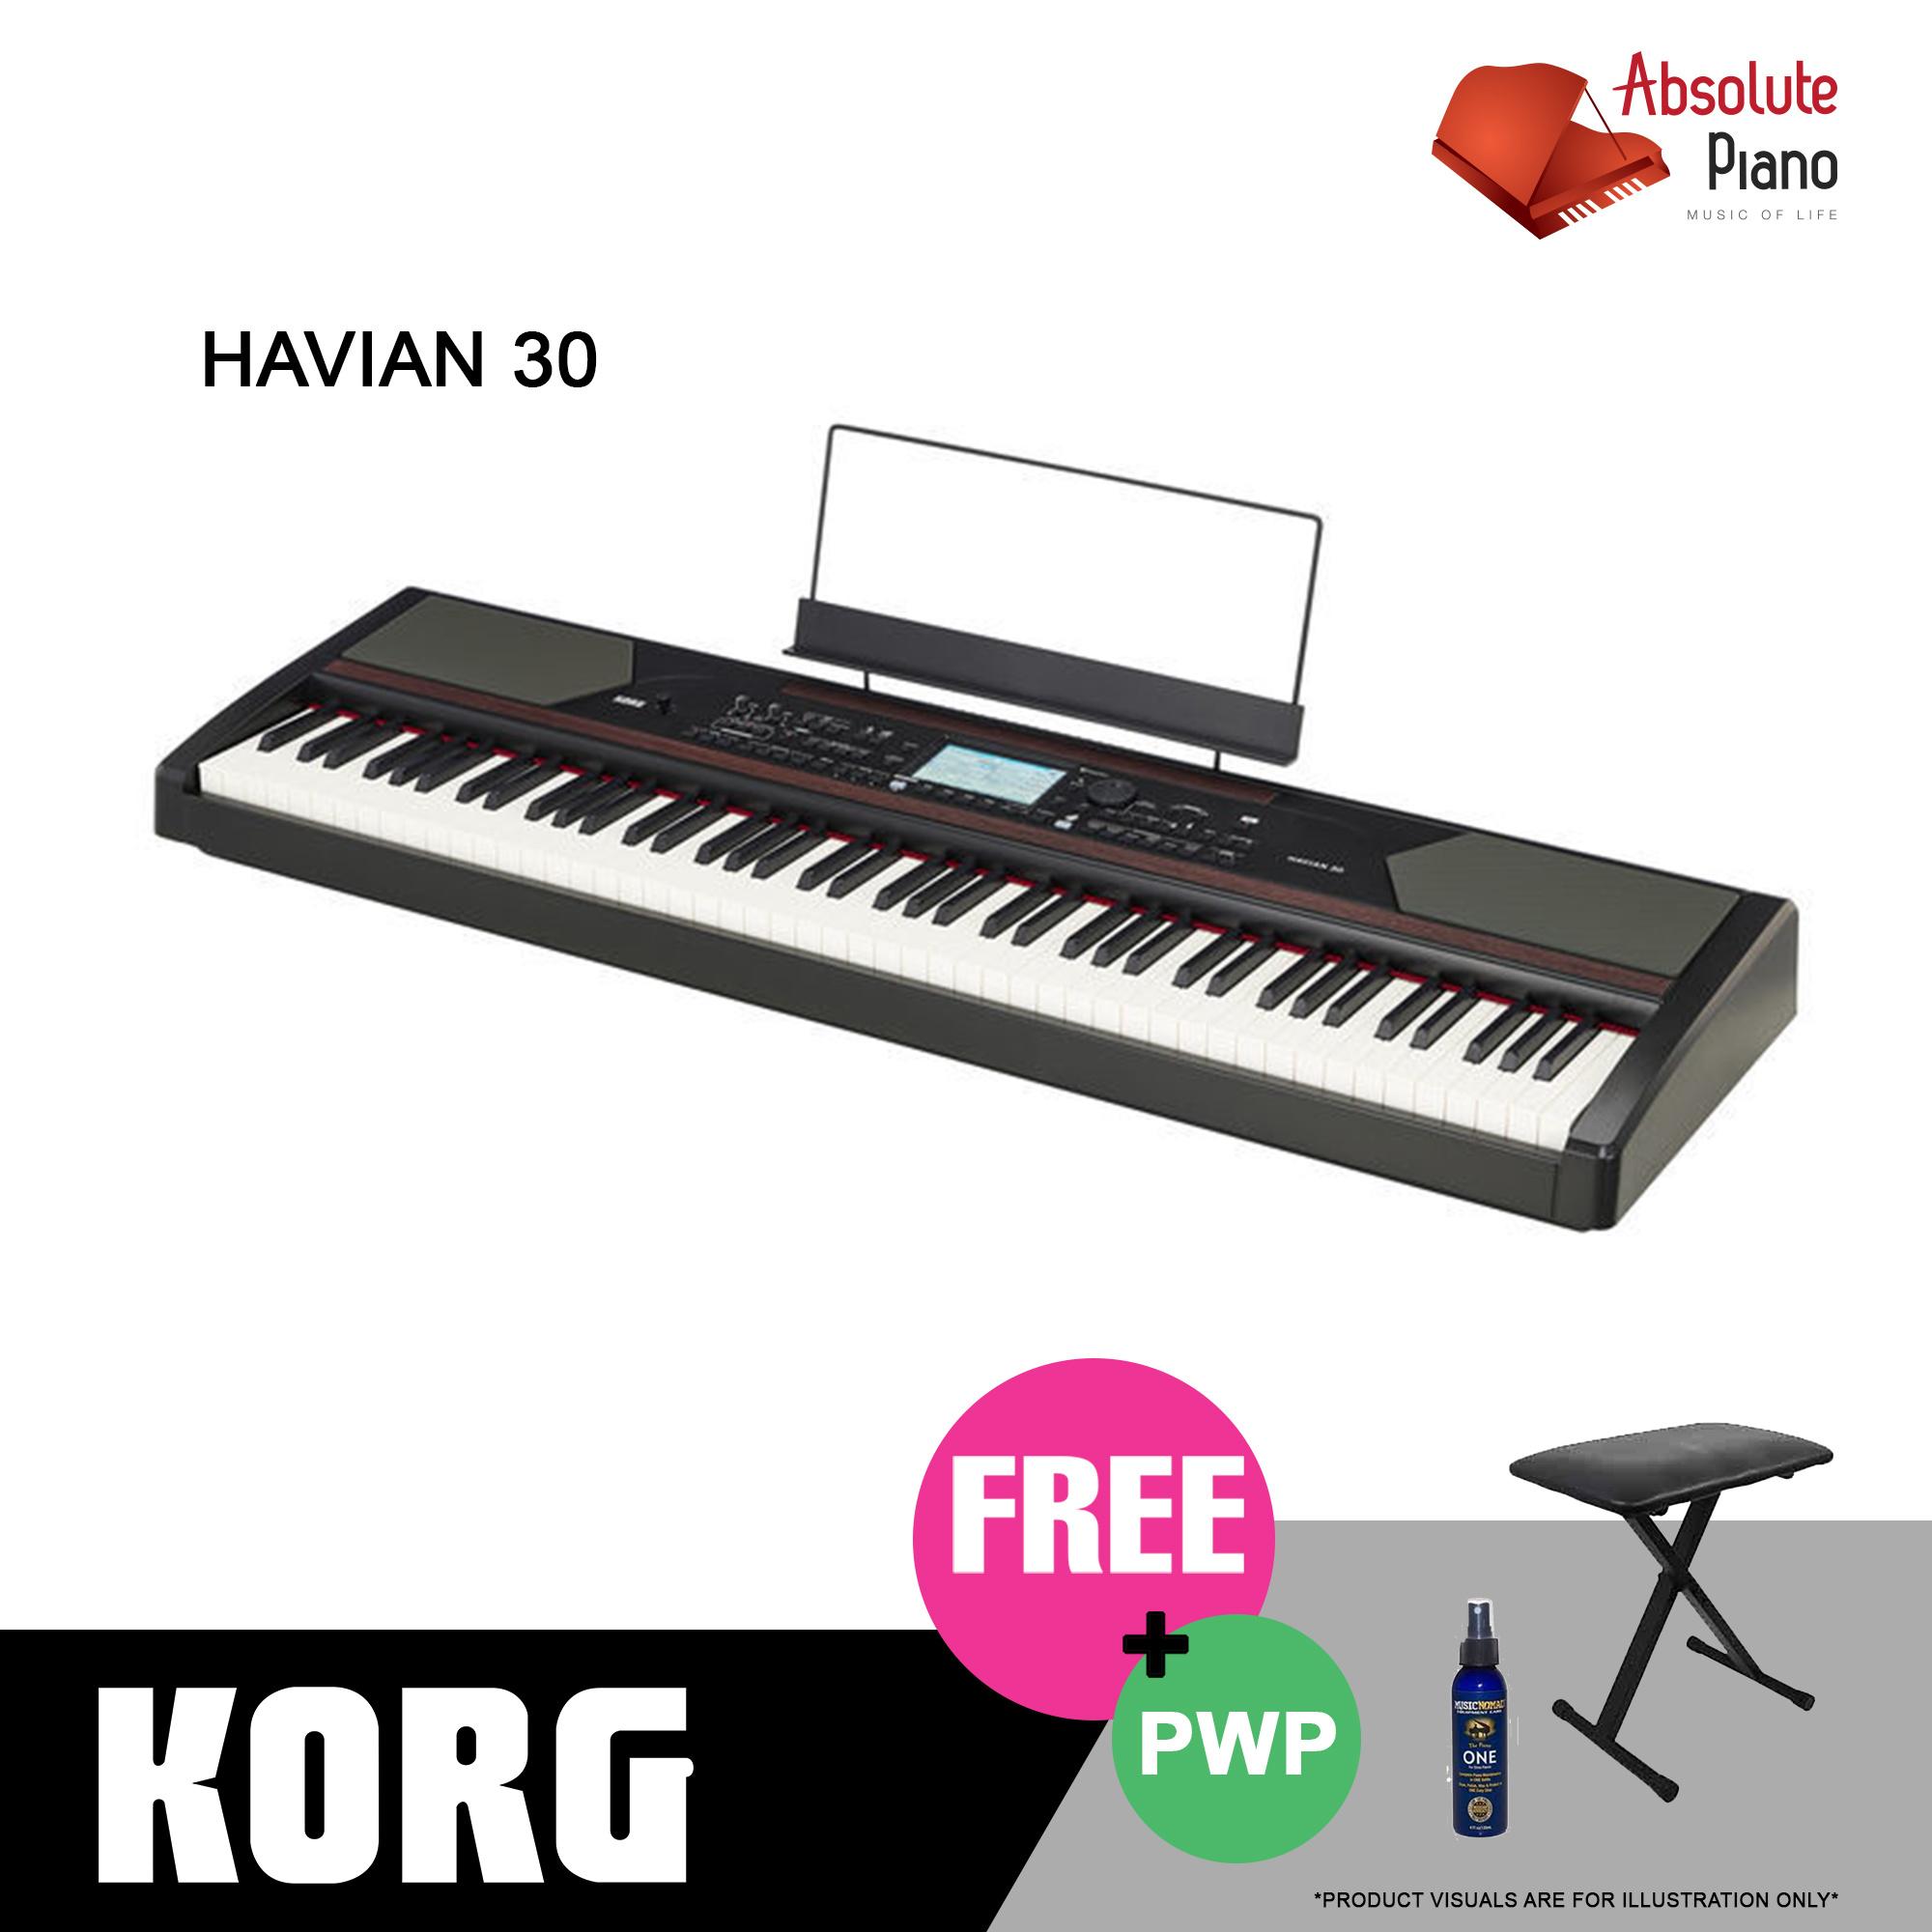 Korg[KORG] KORG Havian 30 Digital Ensemble Piano KORG Piano KORG Keyboard  KORG Arranger